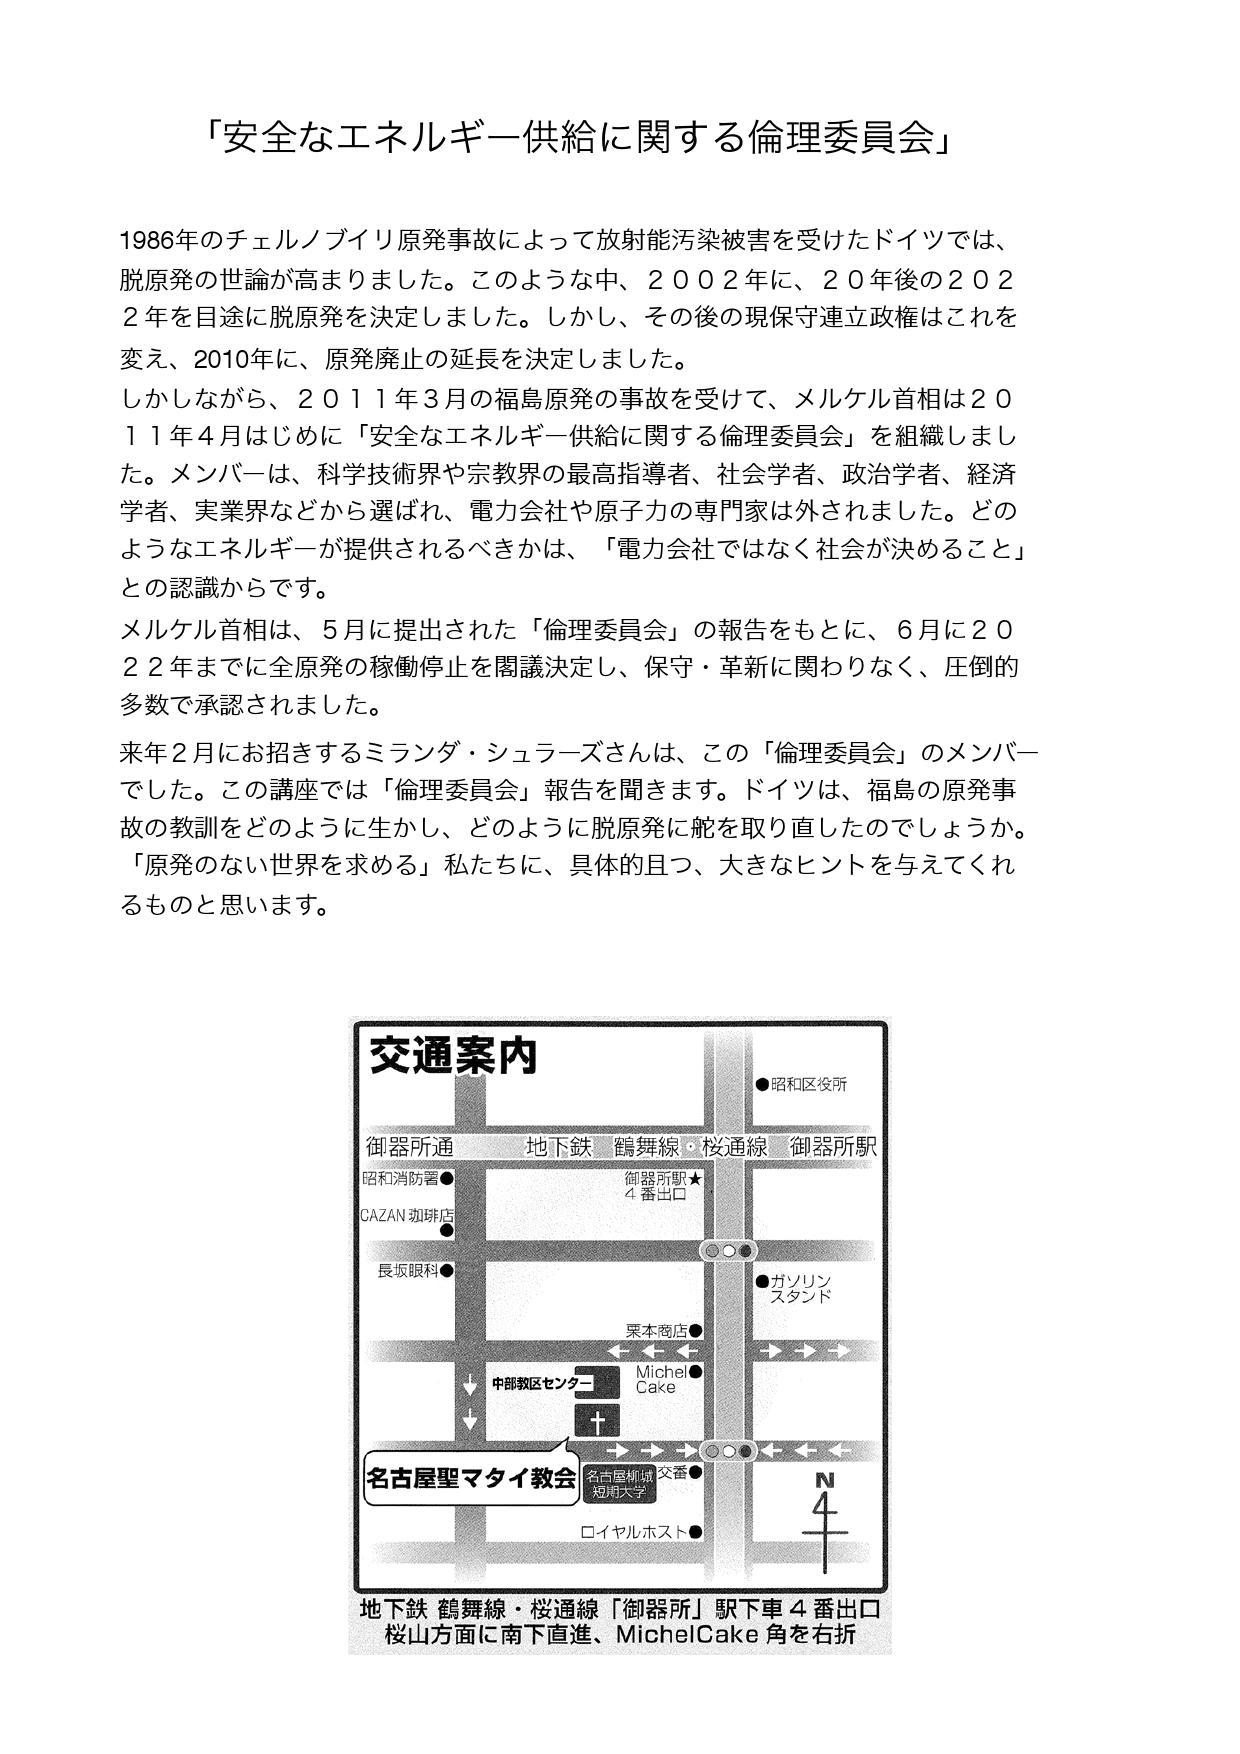 240218チラシ裏面pdf_000001